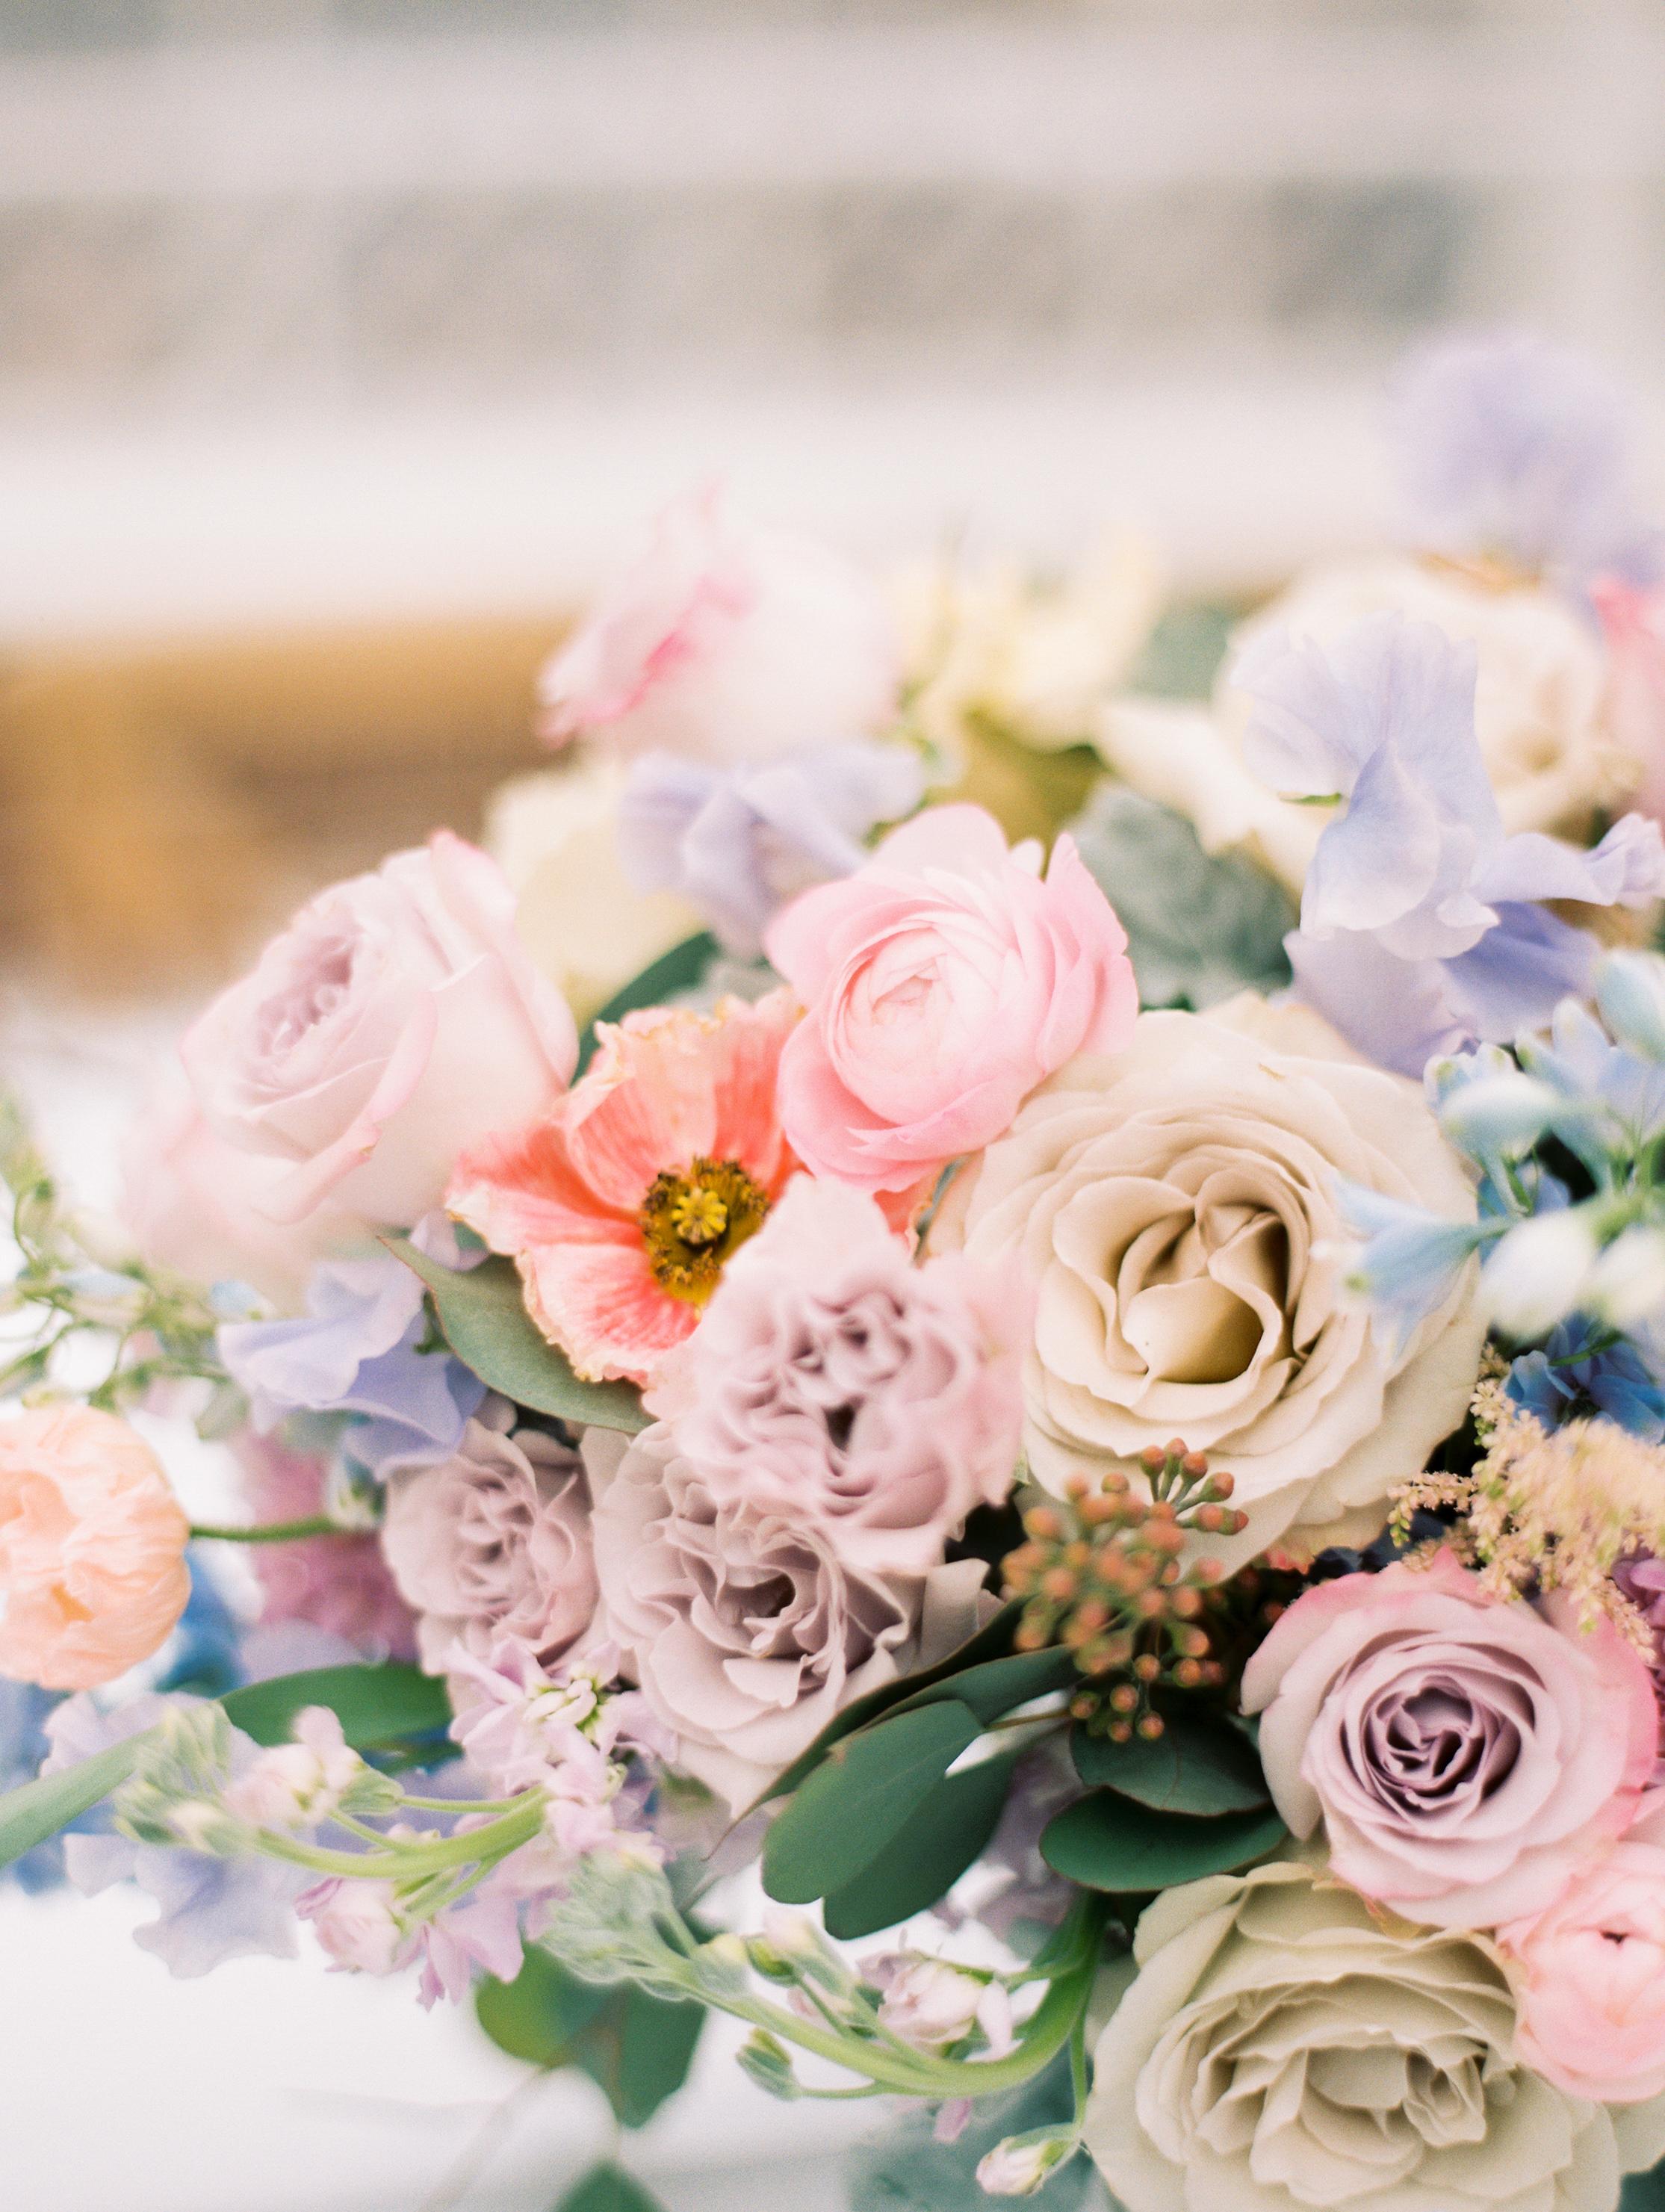 Kristin-La-Voie-Photography-Chicago-Wedding-Photographer-Cheney-Mansion-41.jpg